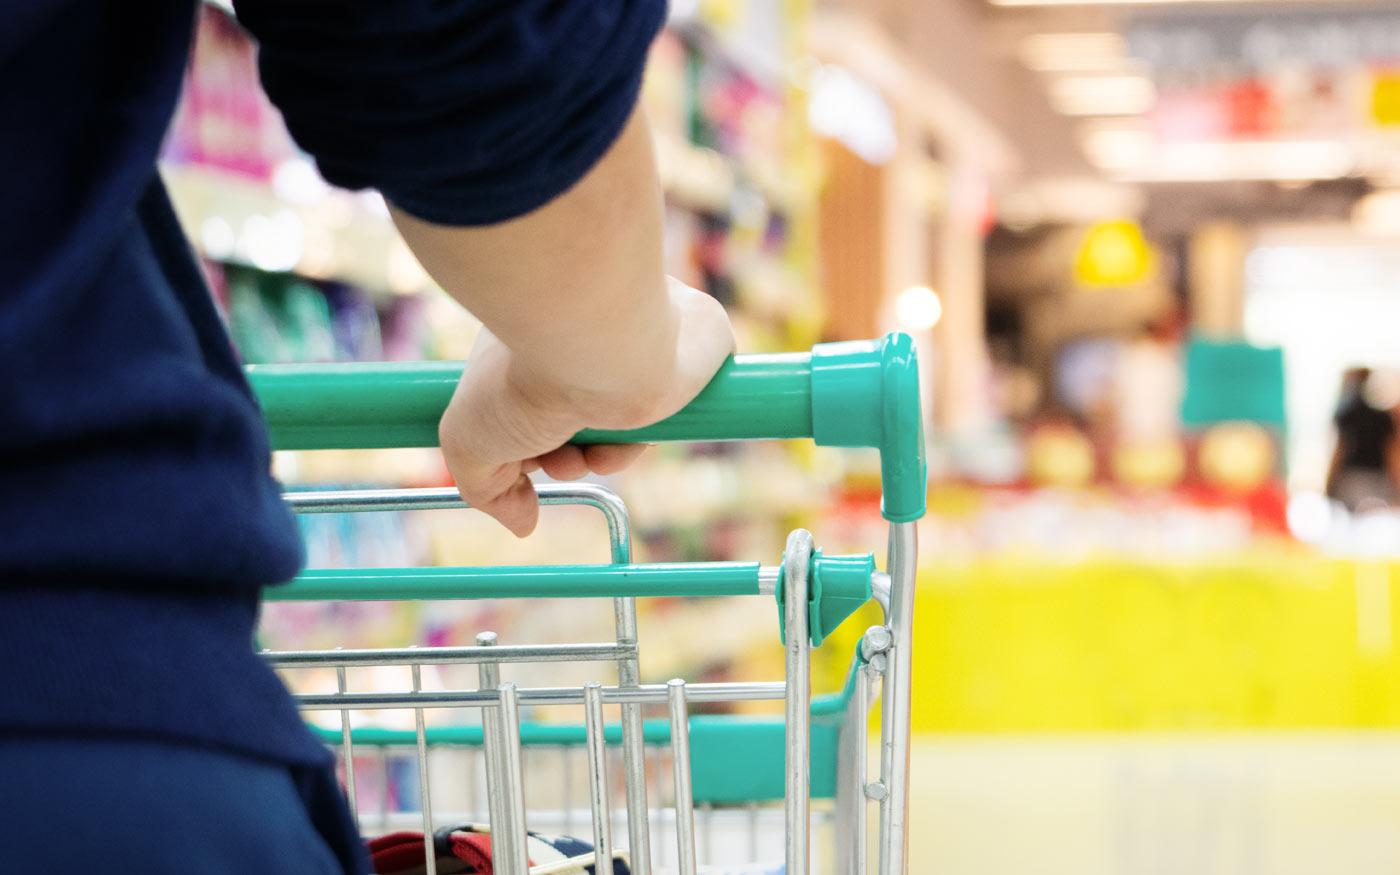 Biztonsági intézkedésekkel működnek a nagy élelmiszerüzletek